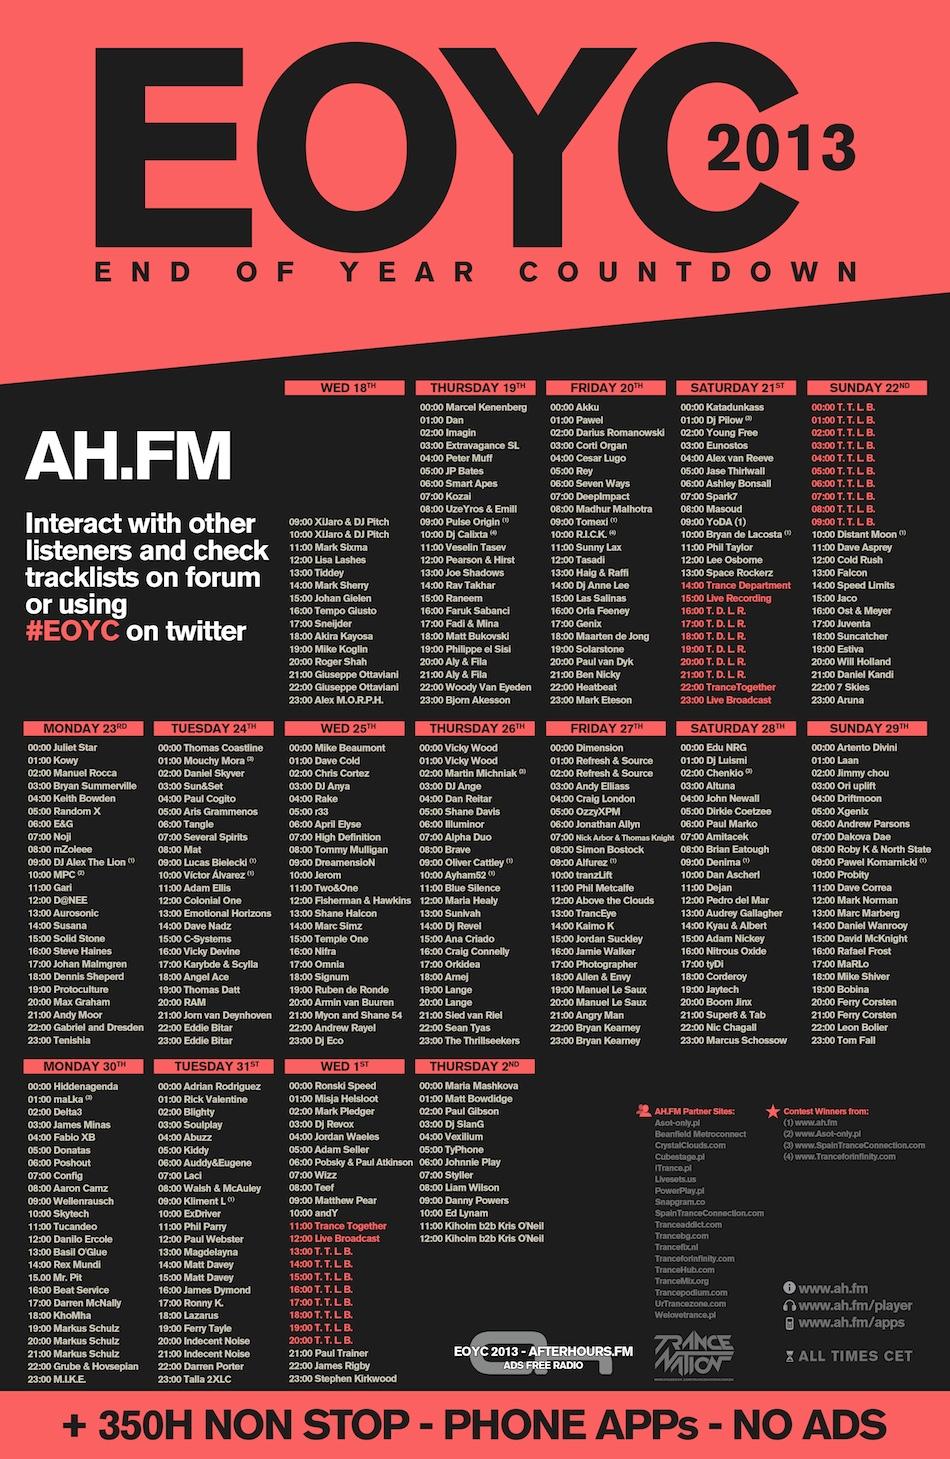 EOYC 2013 schedule